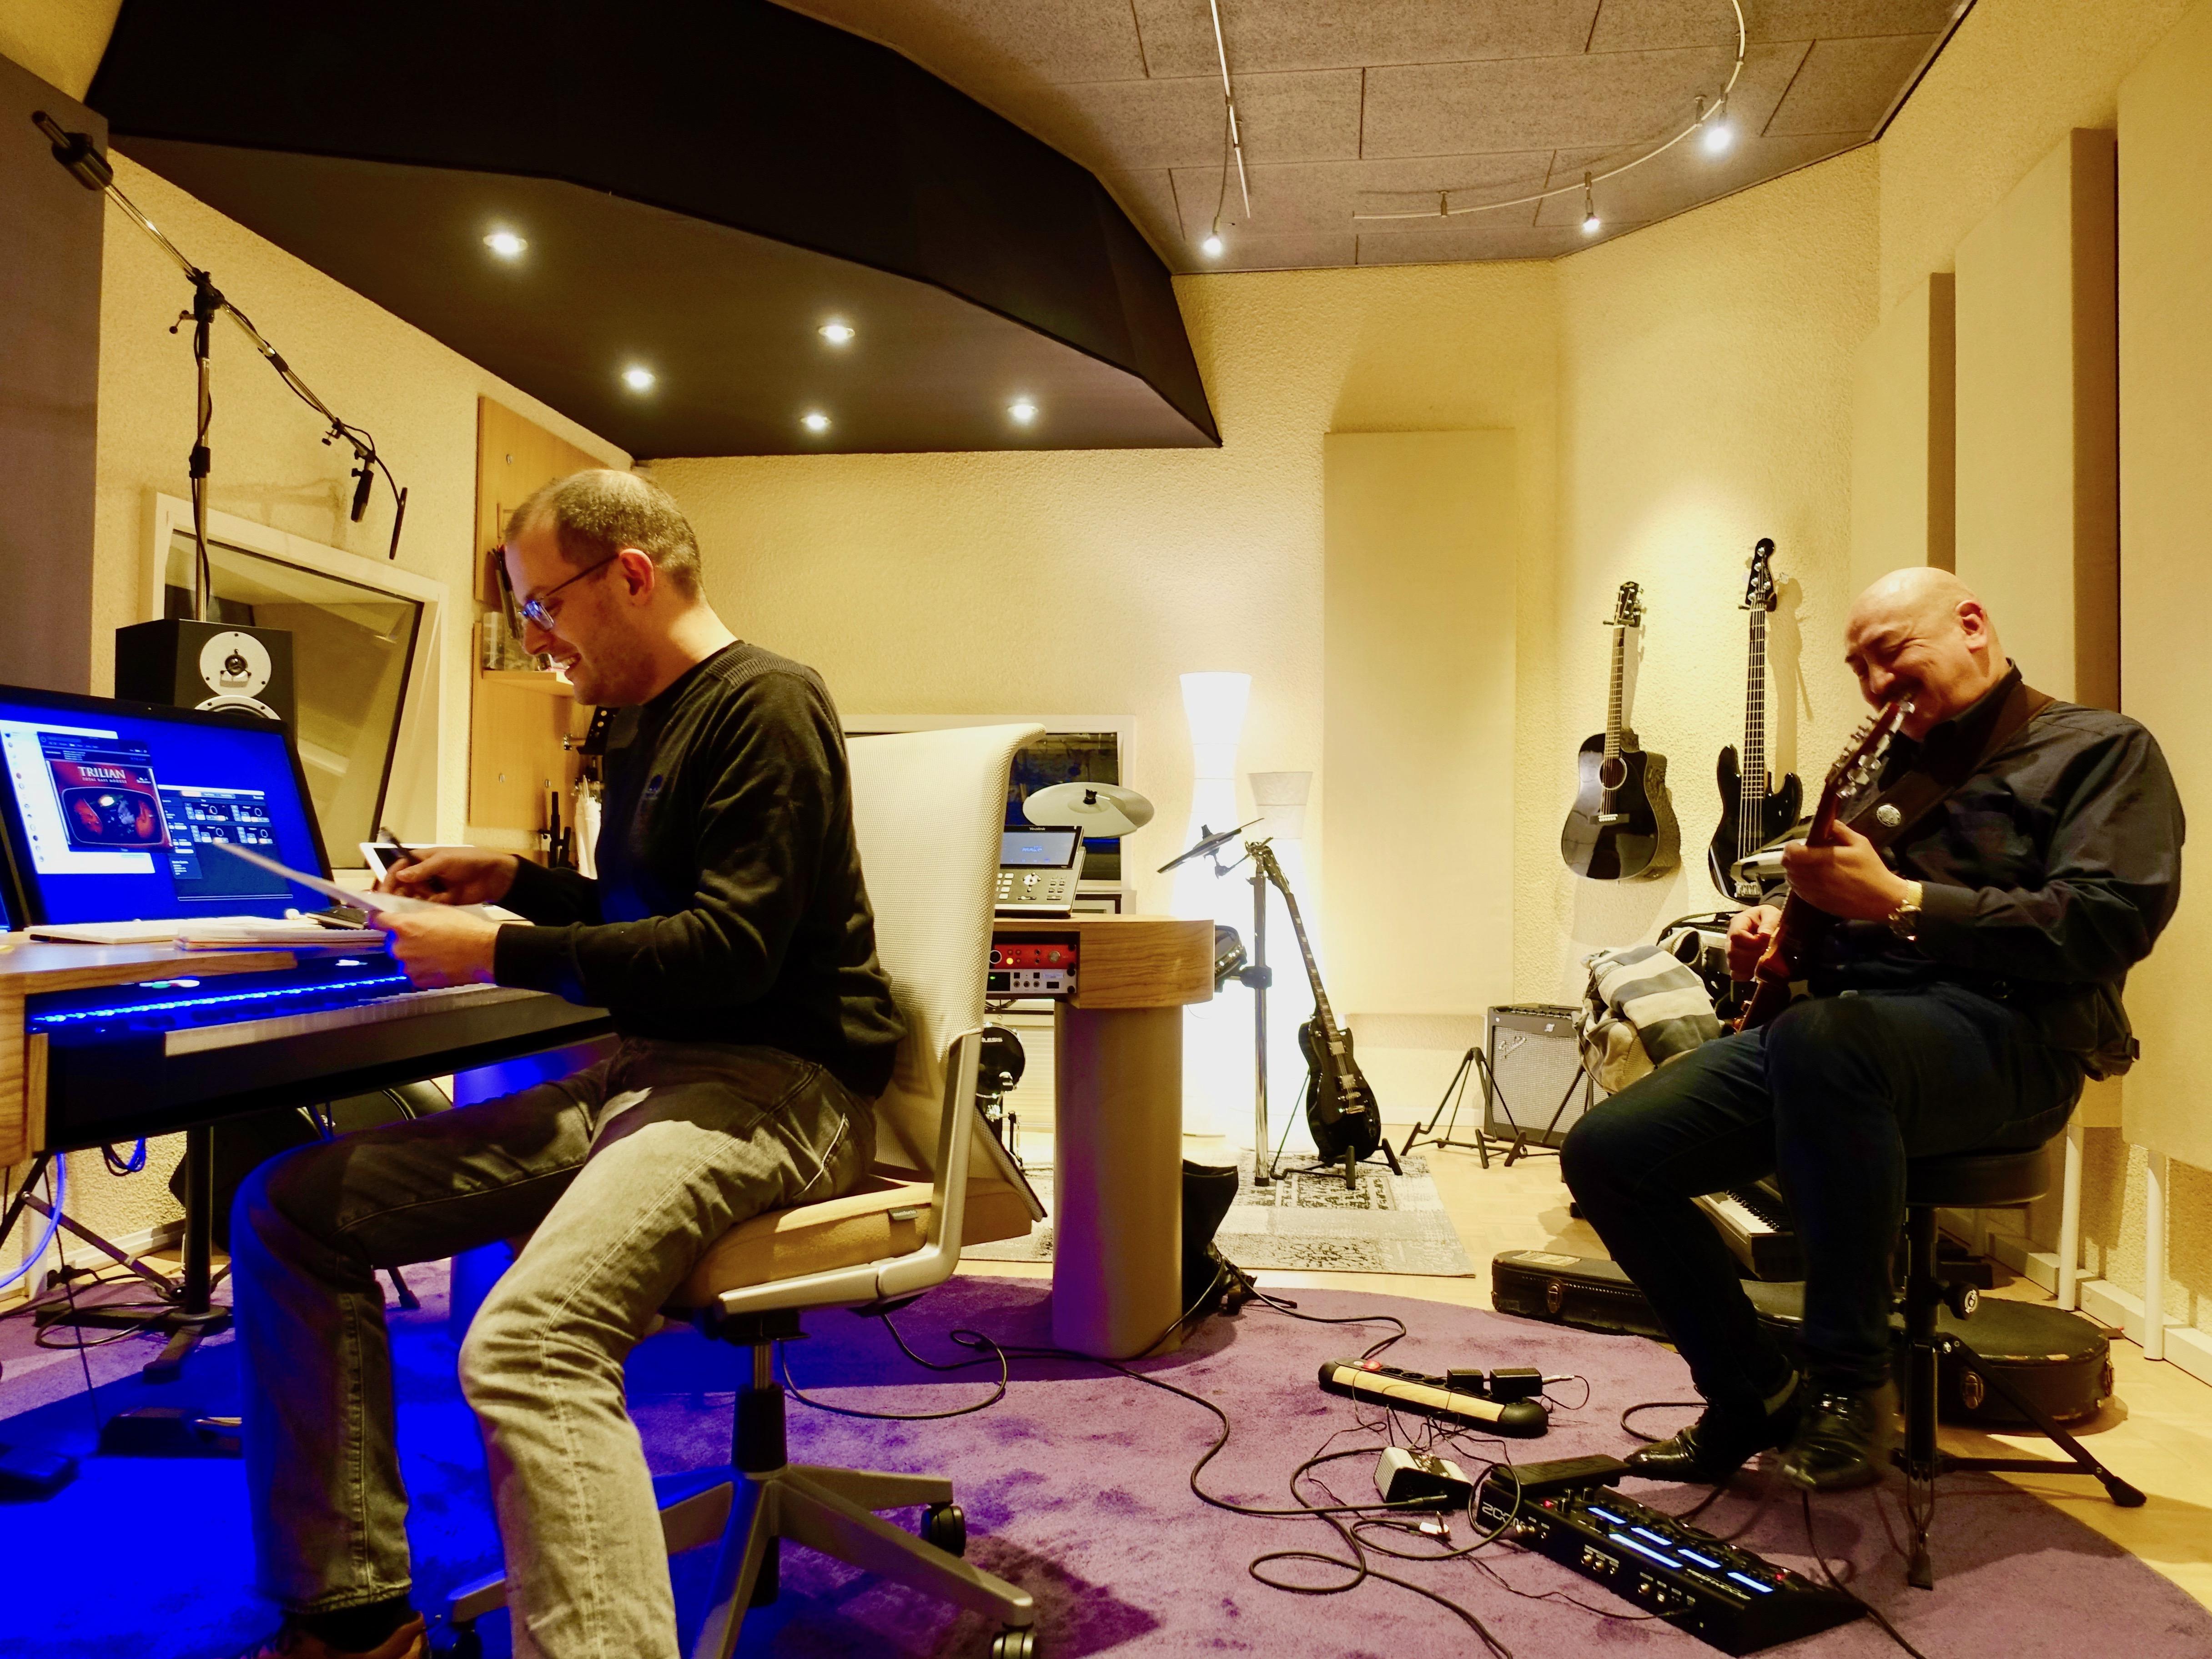 guitar recording in music studio